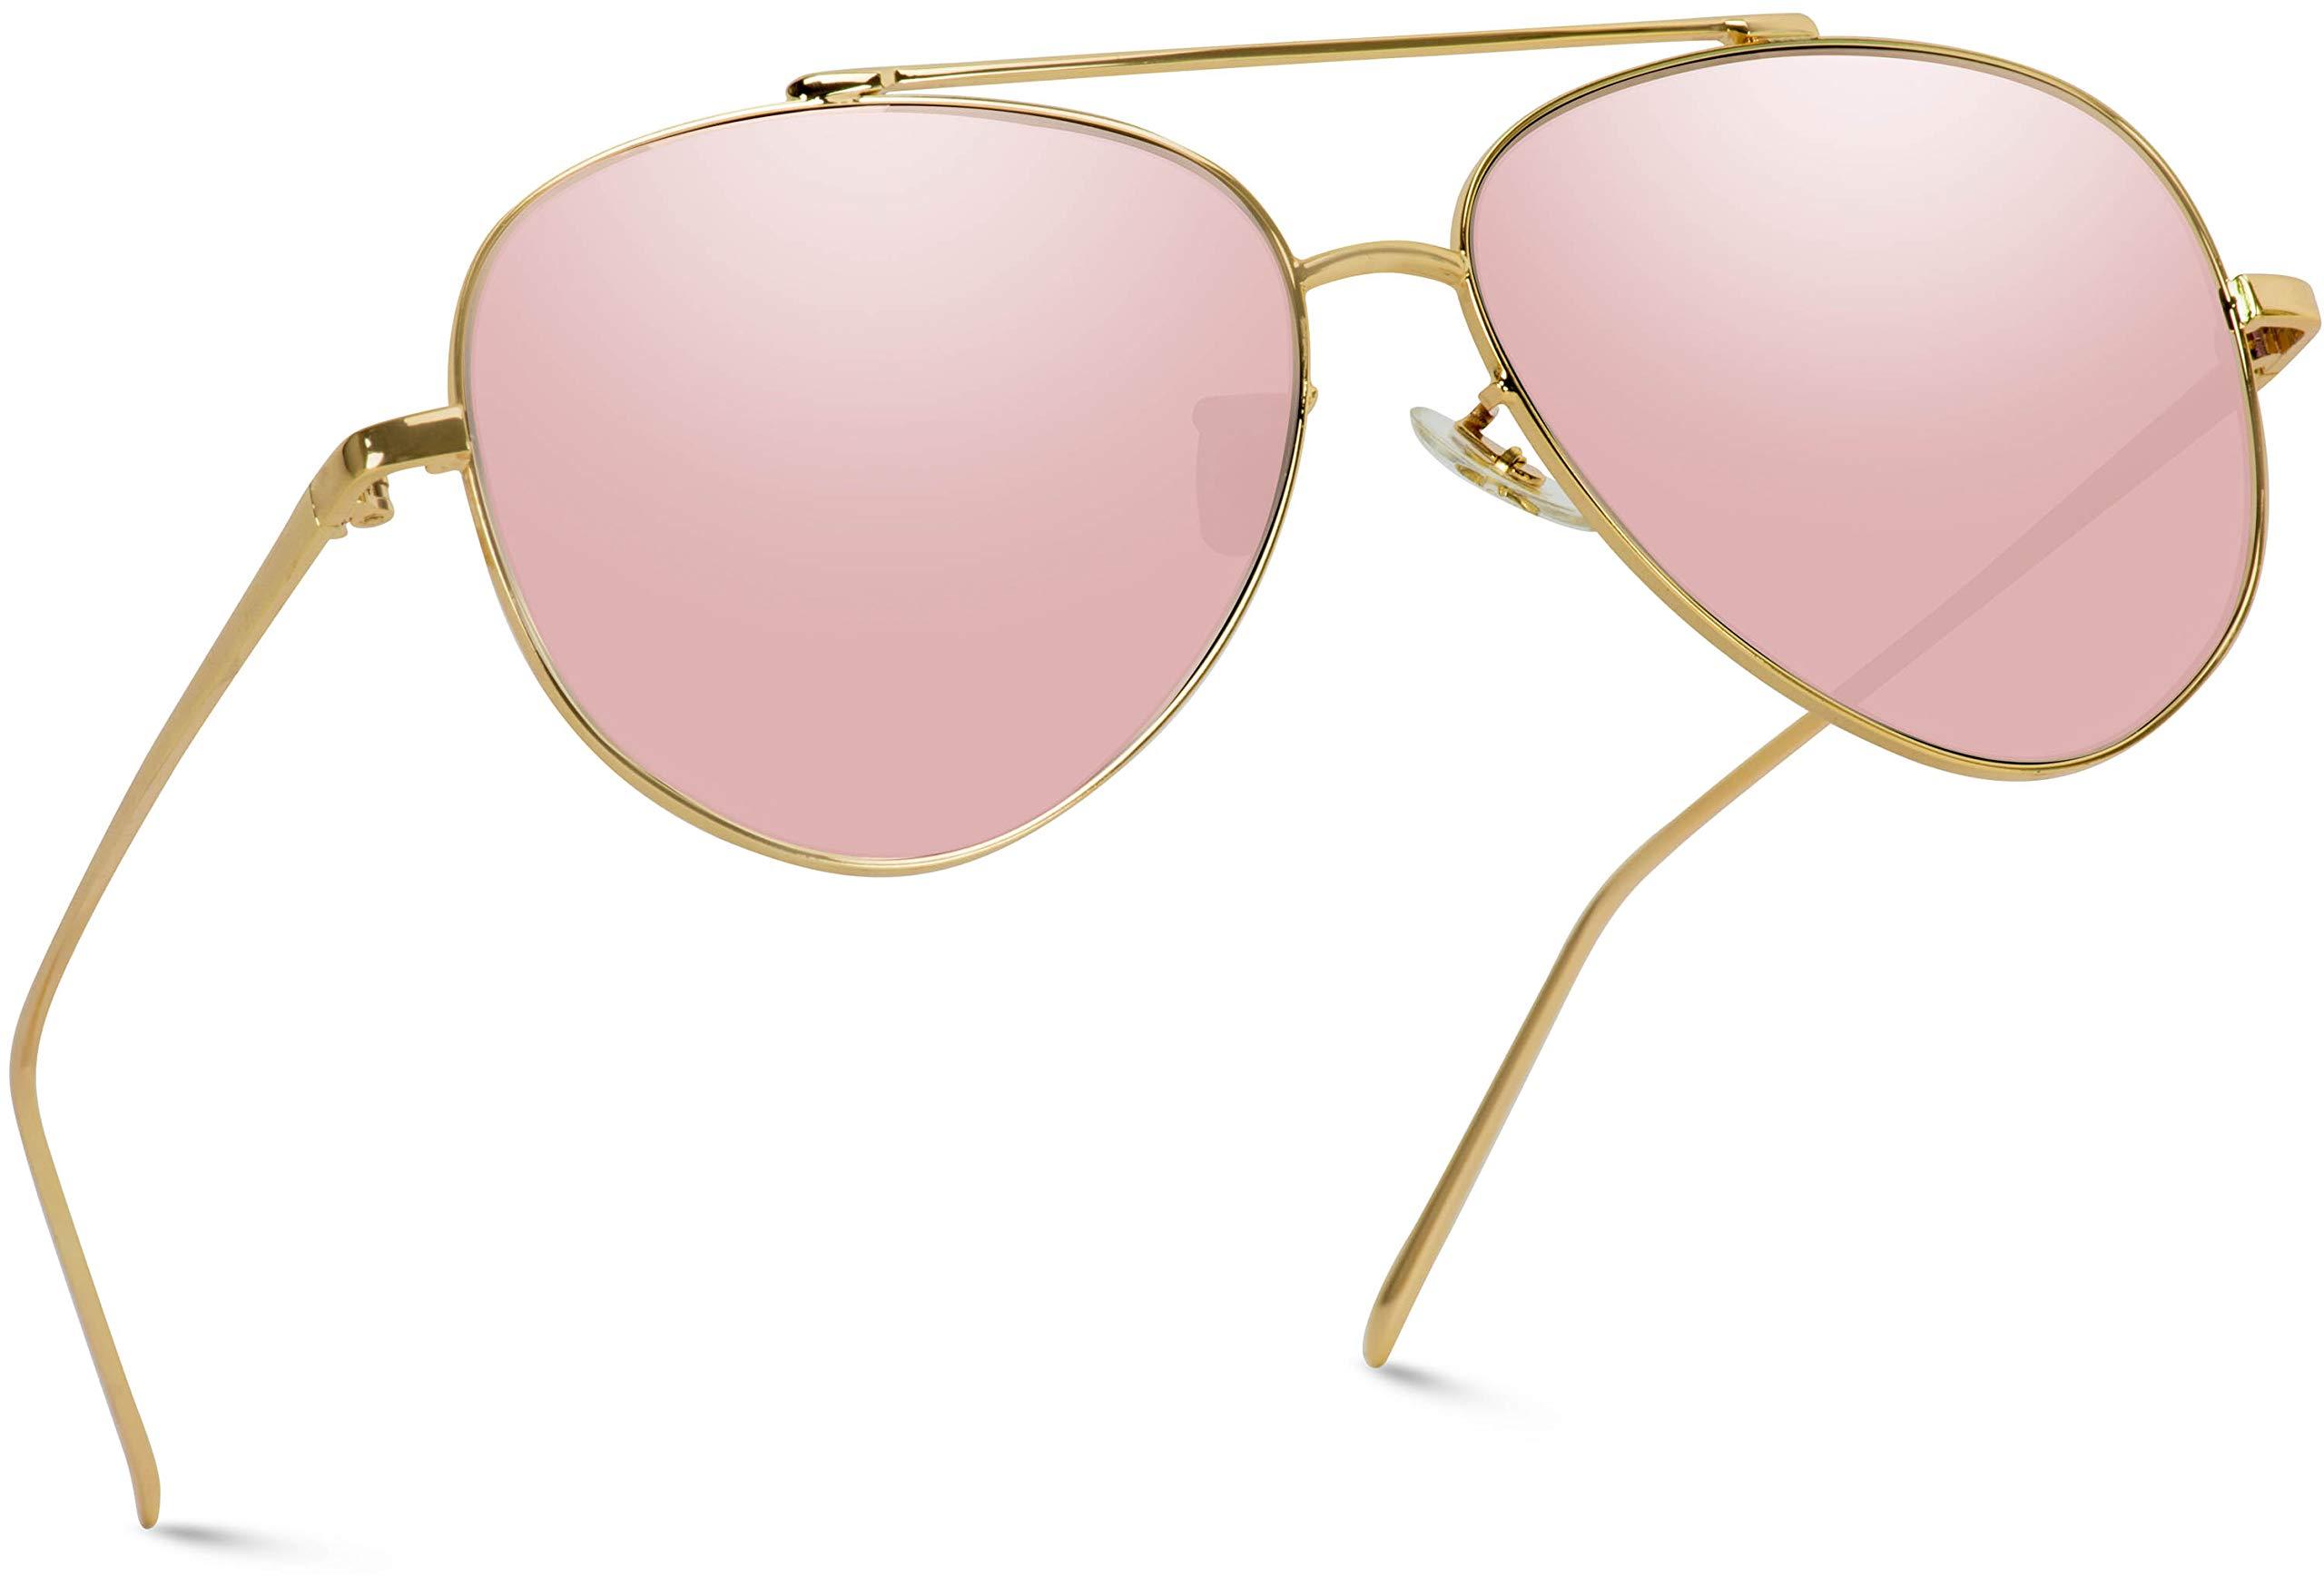 WearMe Pro - Flat Lens Mirrored Metal Frame Aviator Sunglasses by WearMe Pro